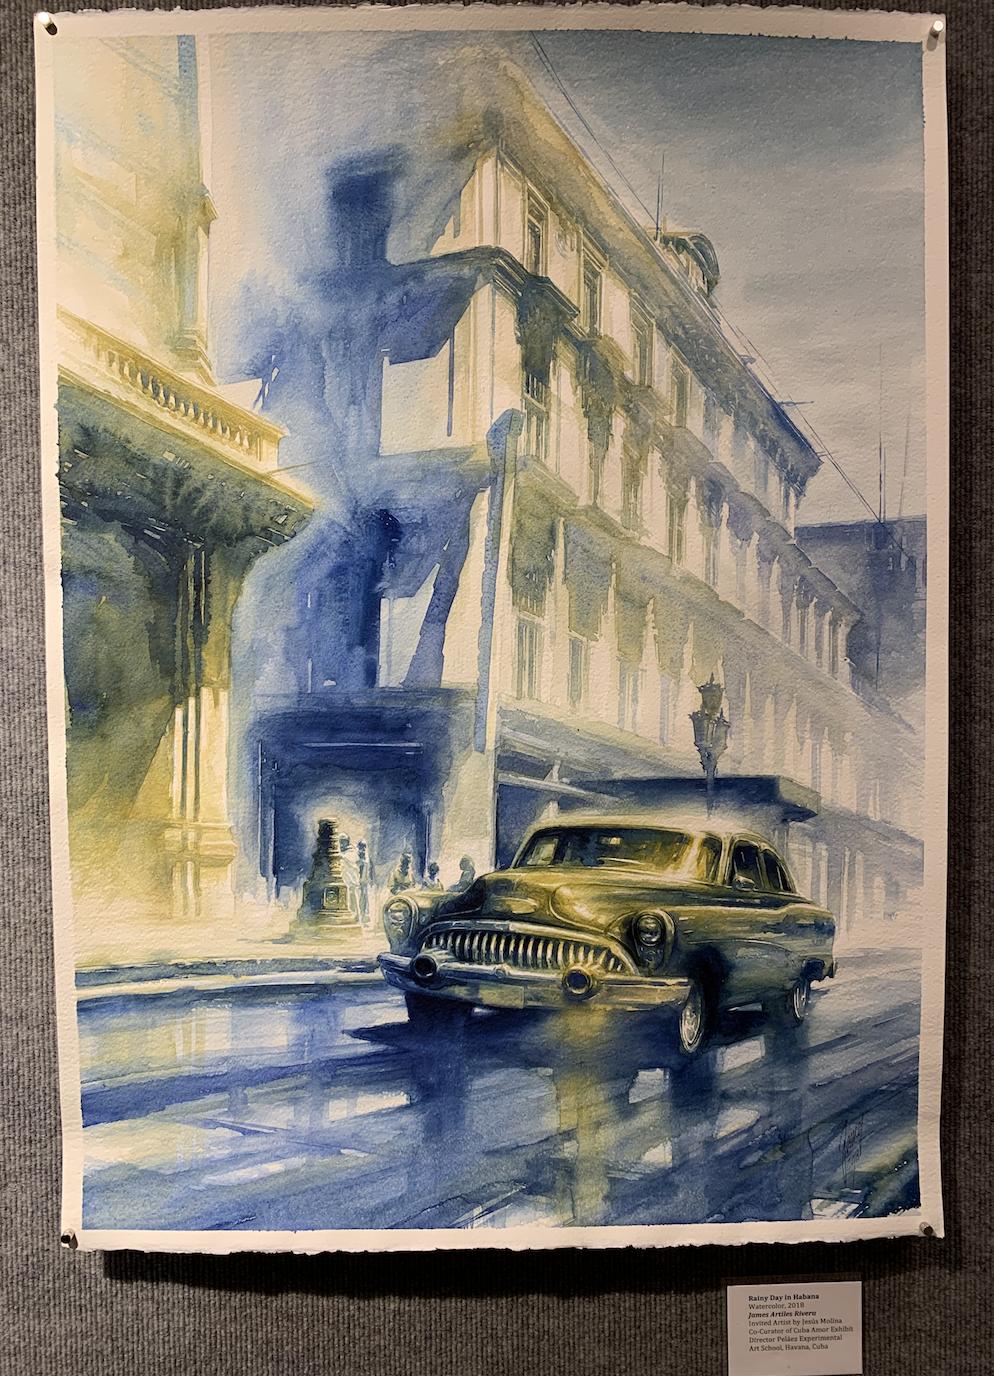 Rainy Day in Habana